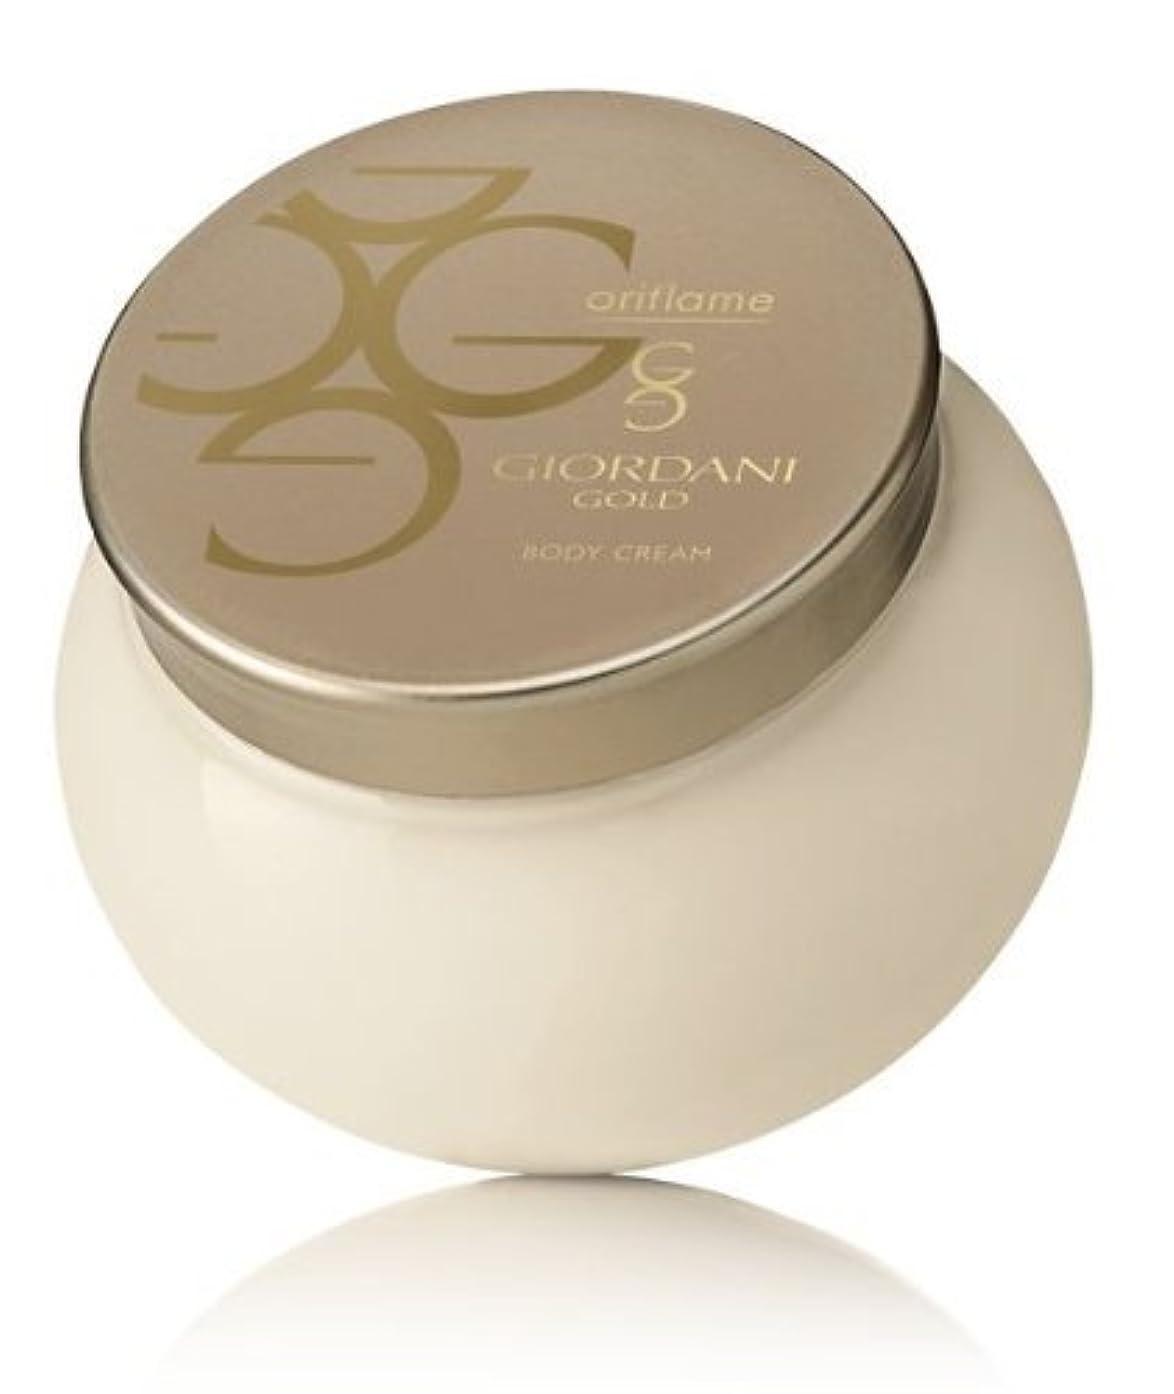 蒸し器意気込み勧告Giordani Gold Body Cream by Oriflame